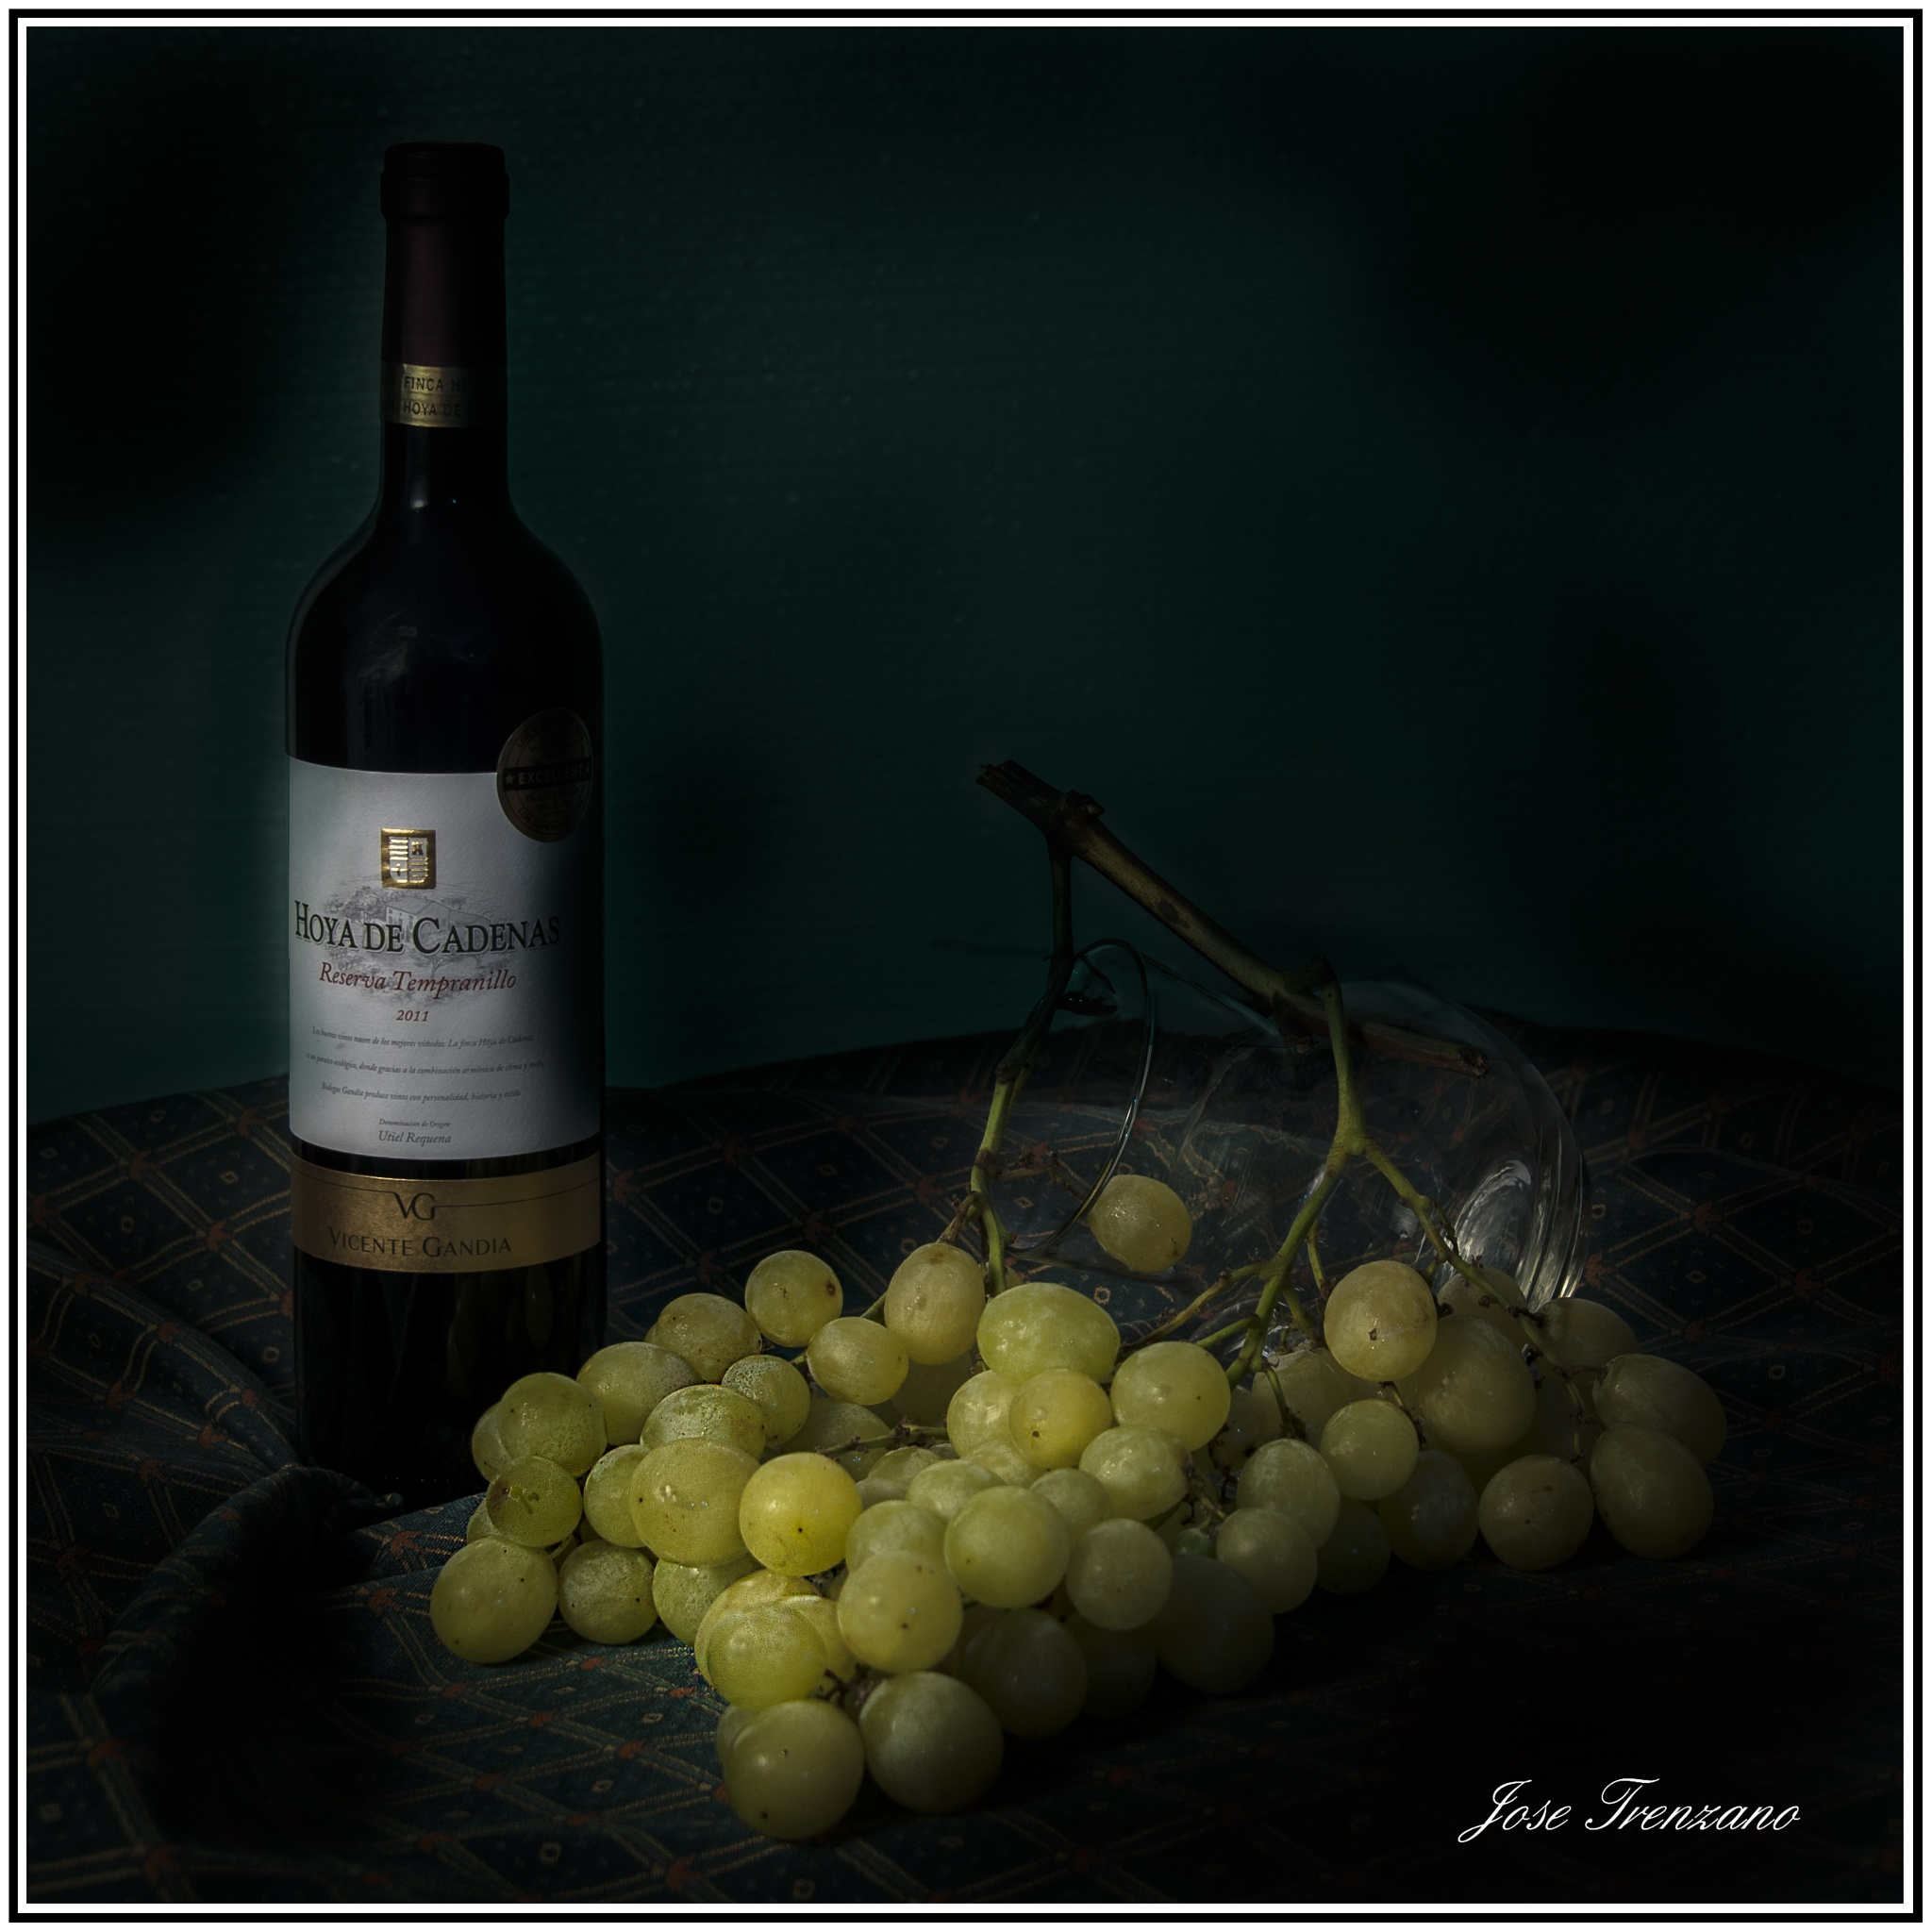 Uva y vino by José Trenzano Martinez